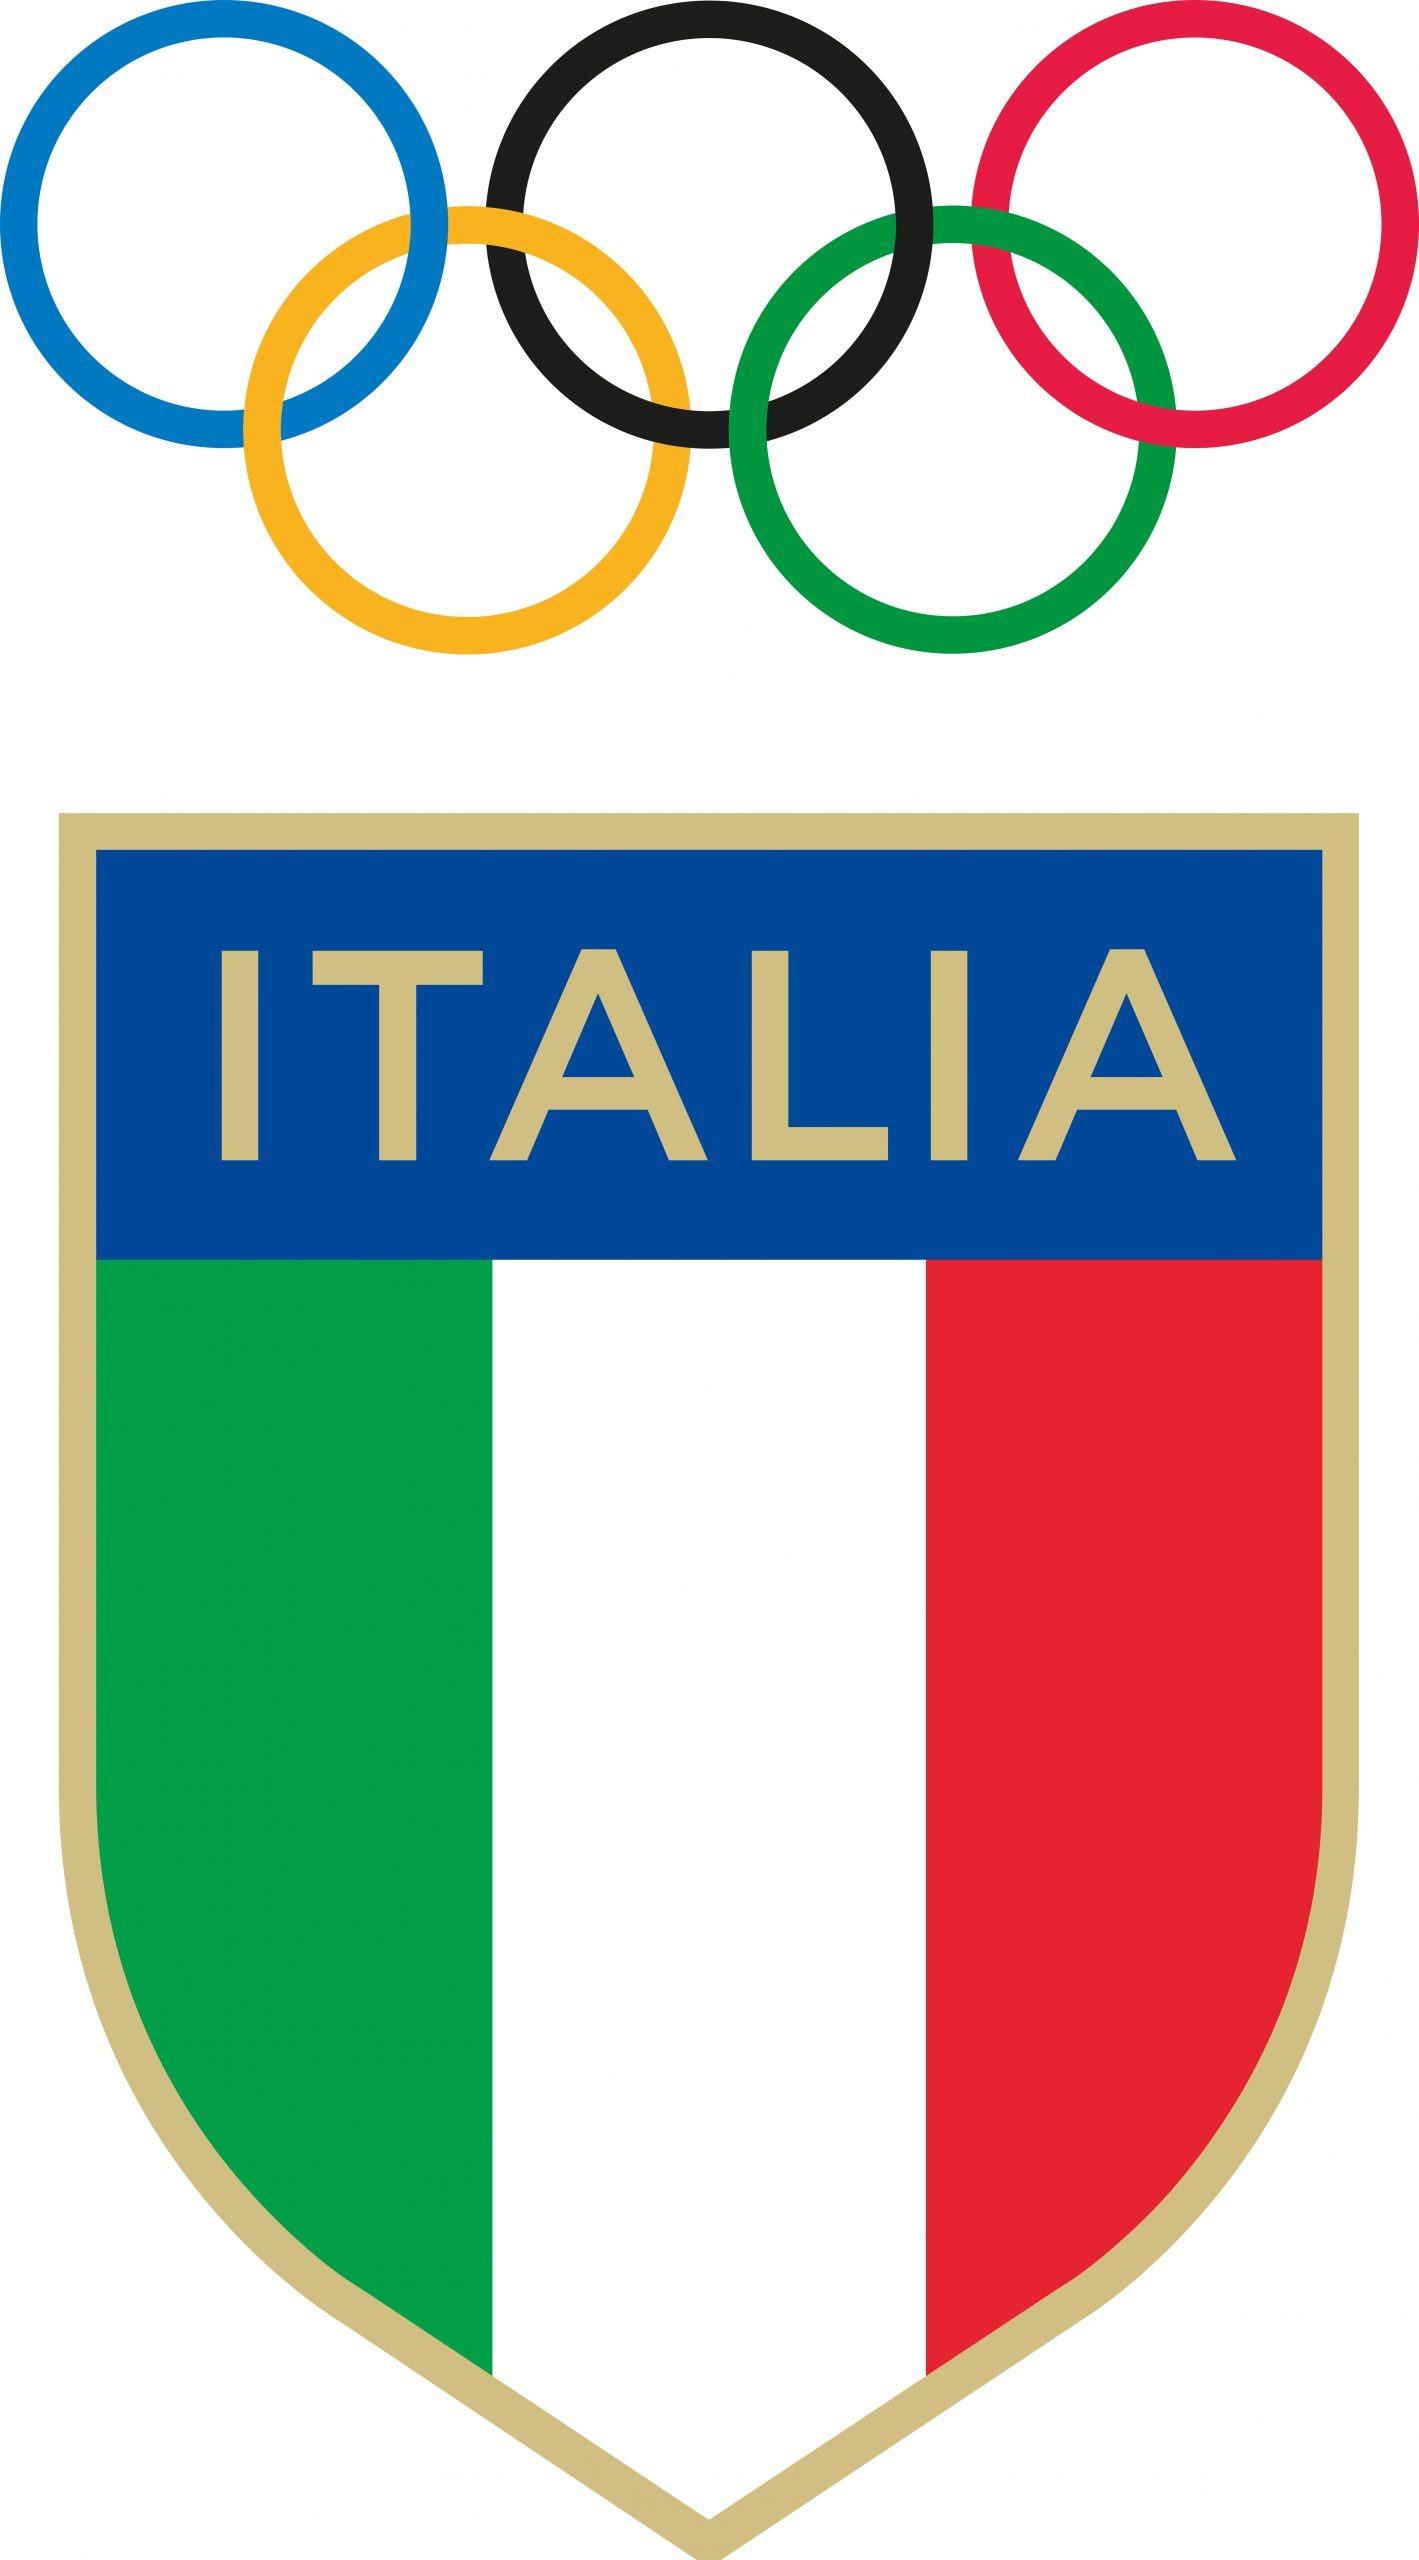 Casa Italia Rio 2016